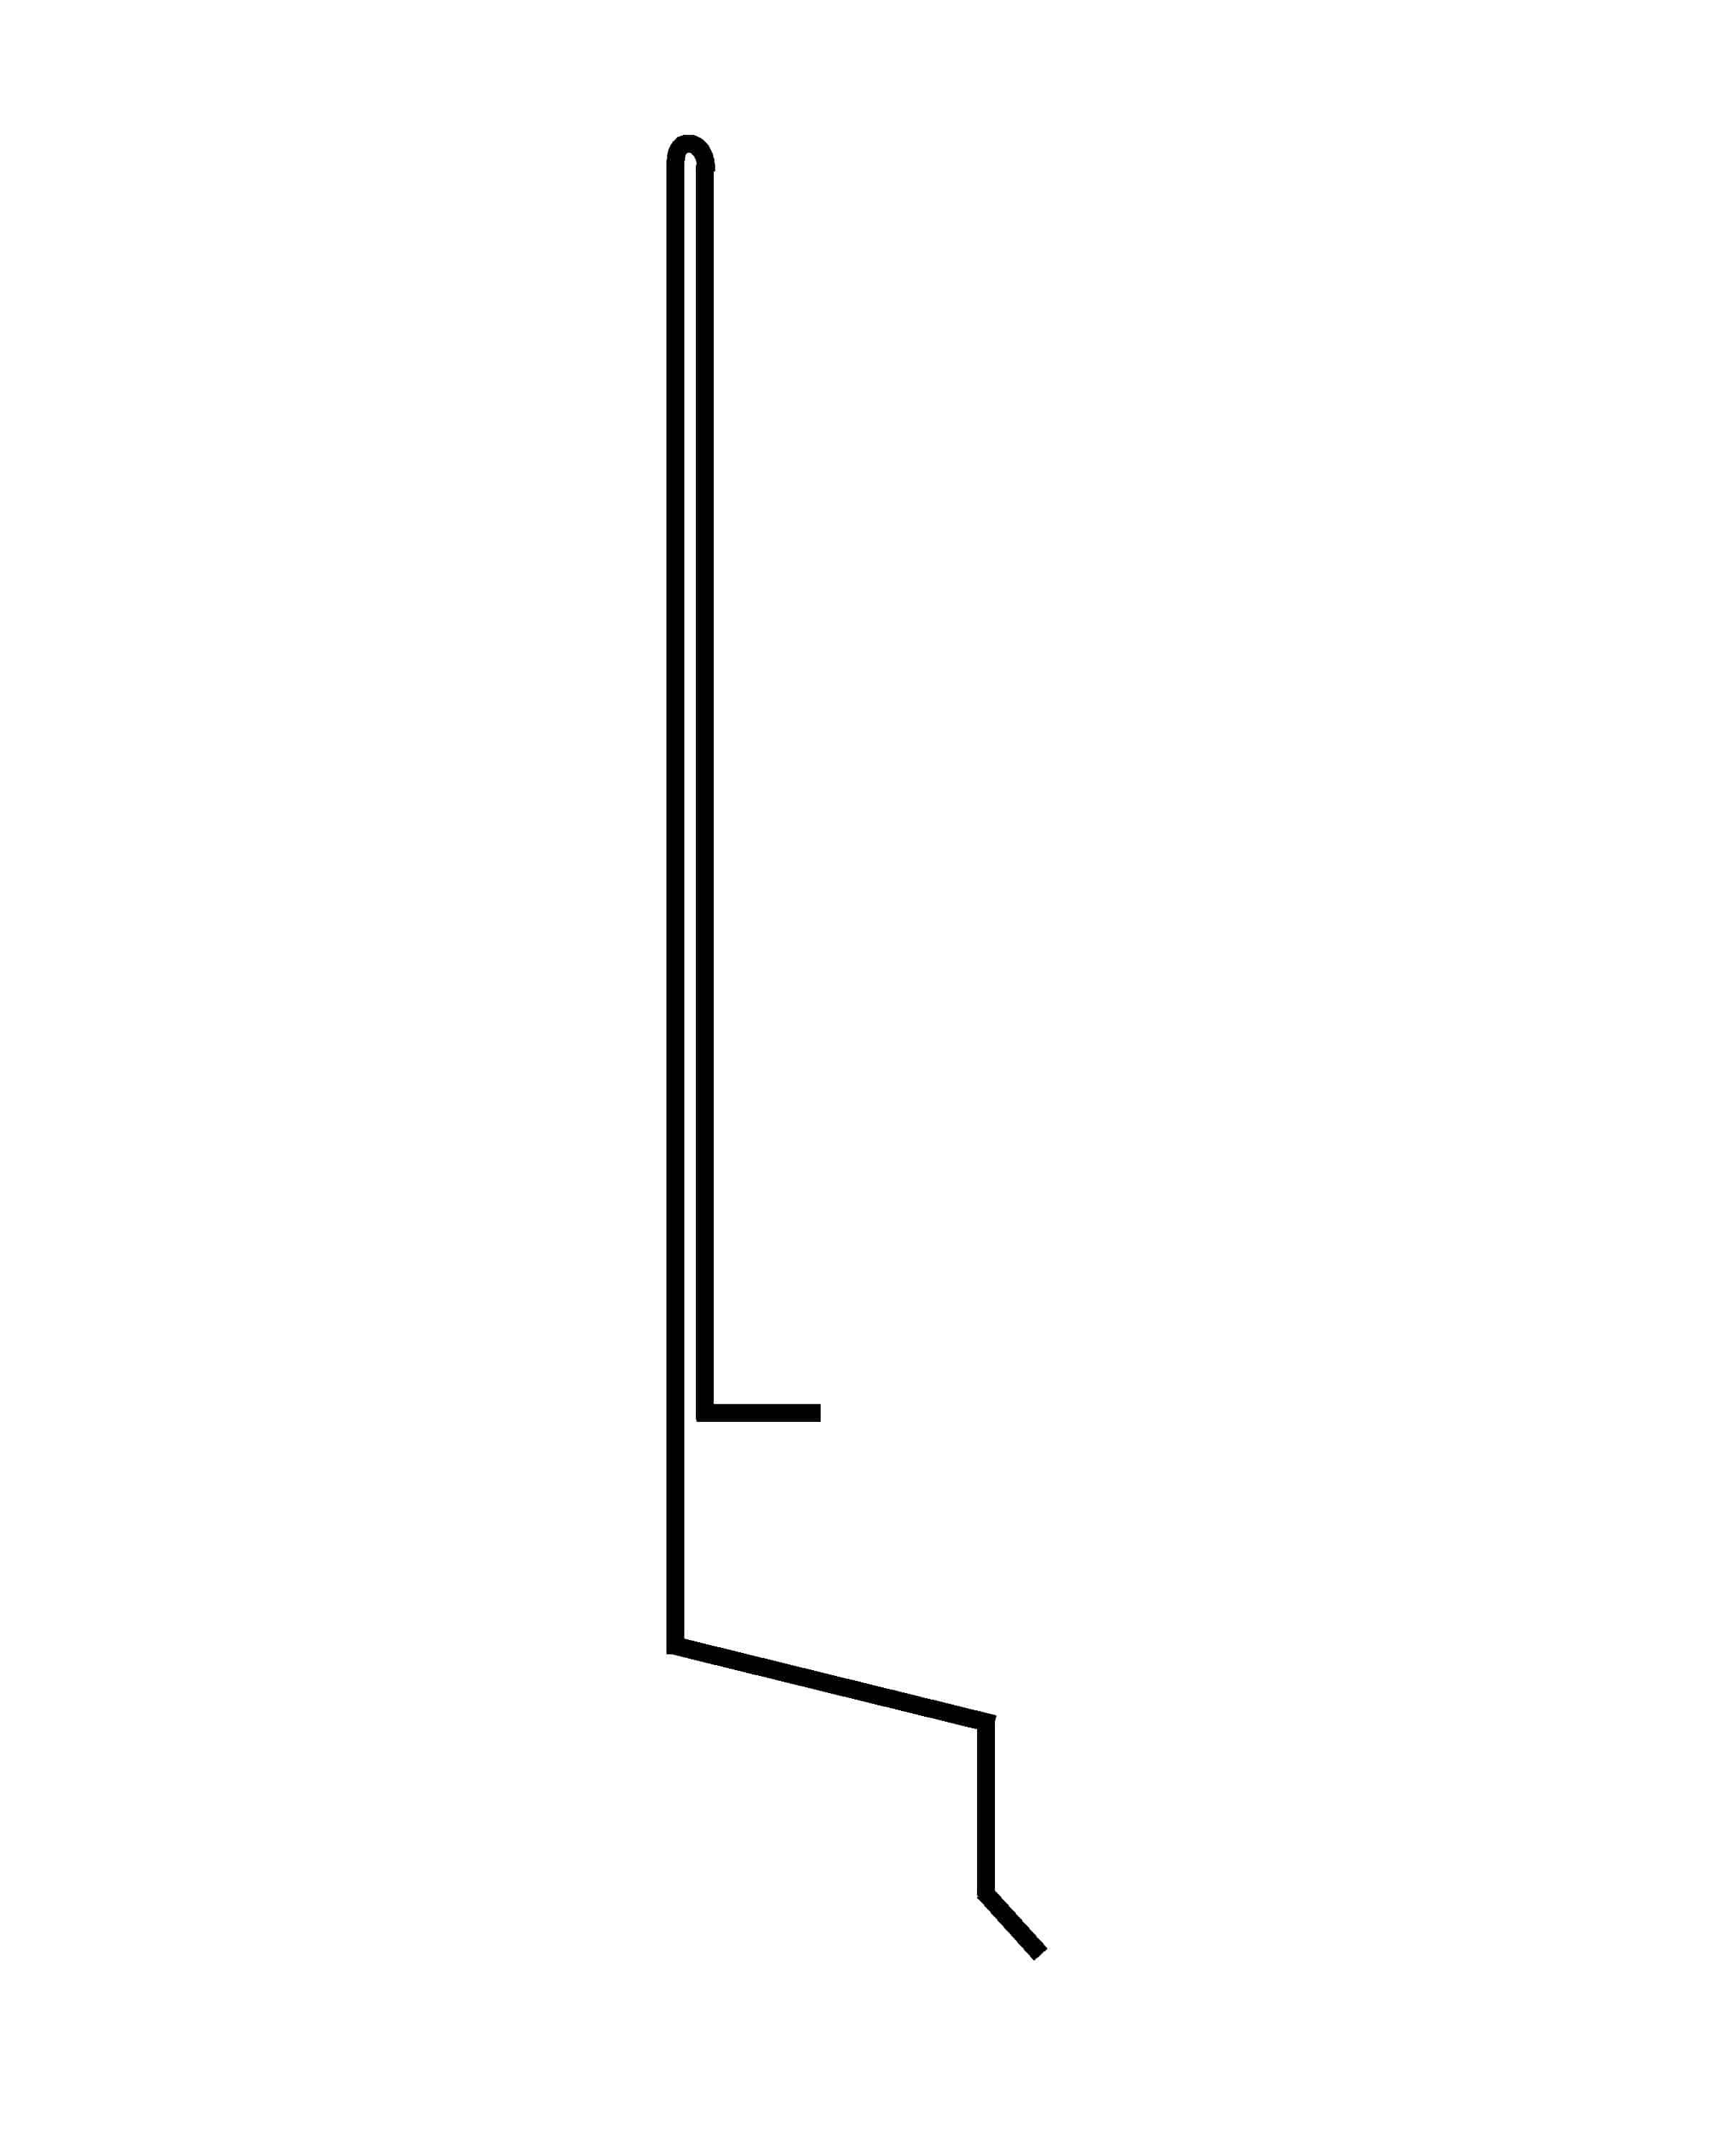 drip edge conventional 7/8